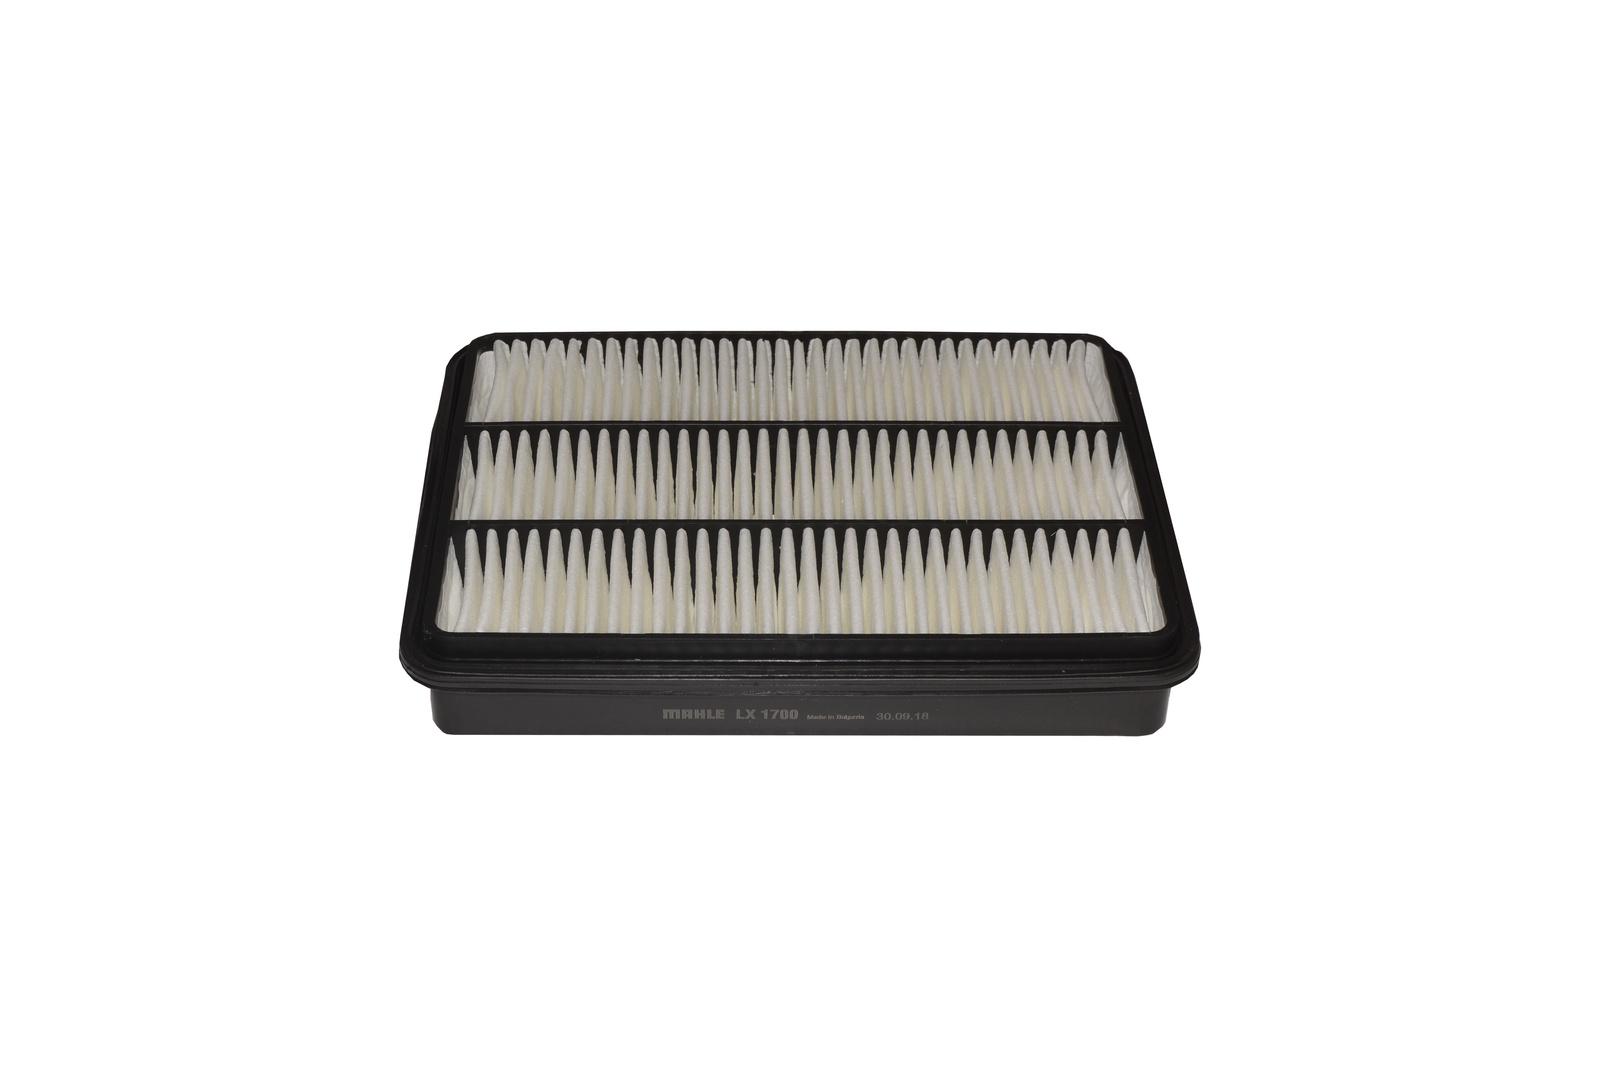 цена на Воздушный фильтр Mahle ORIGINAL LX1700